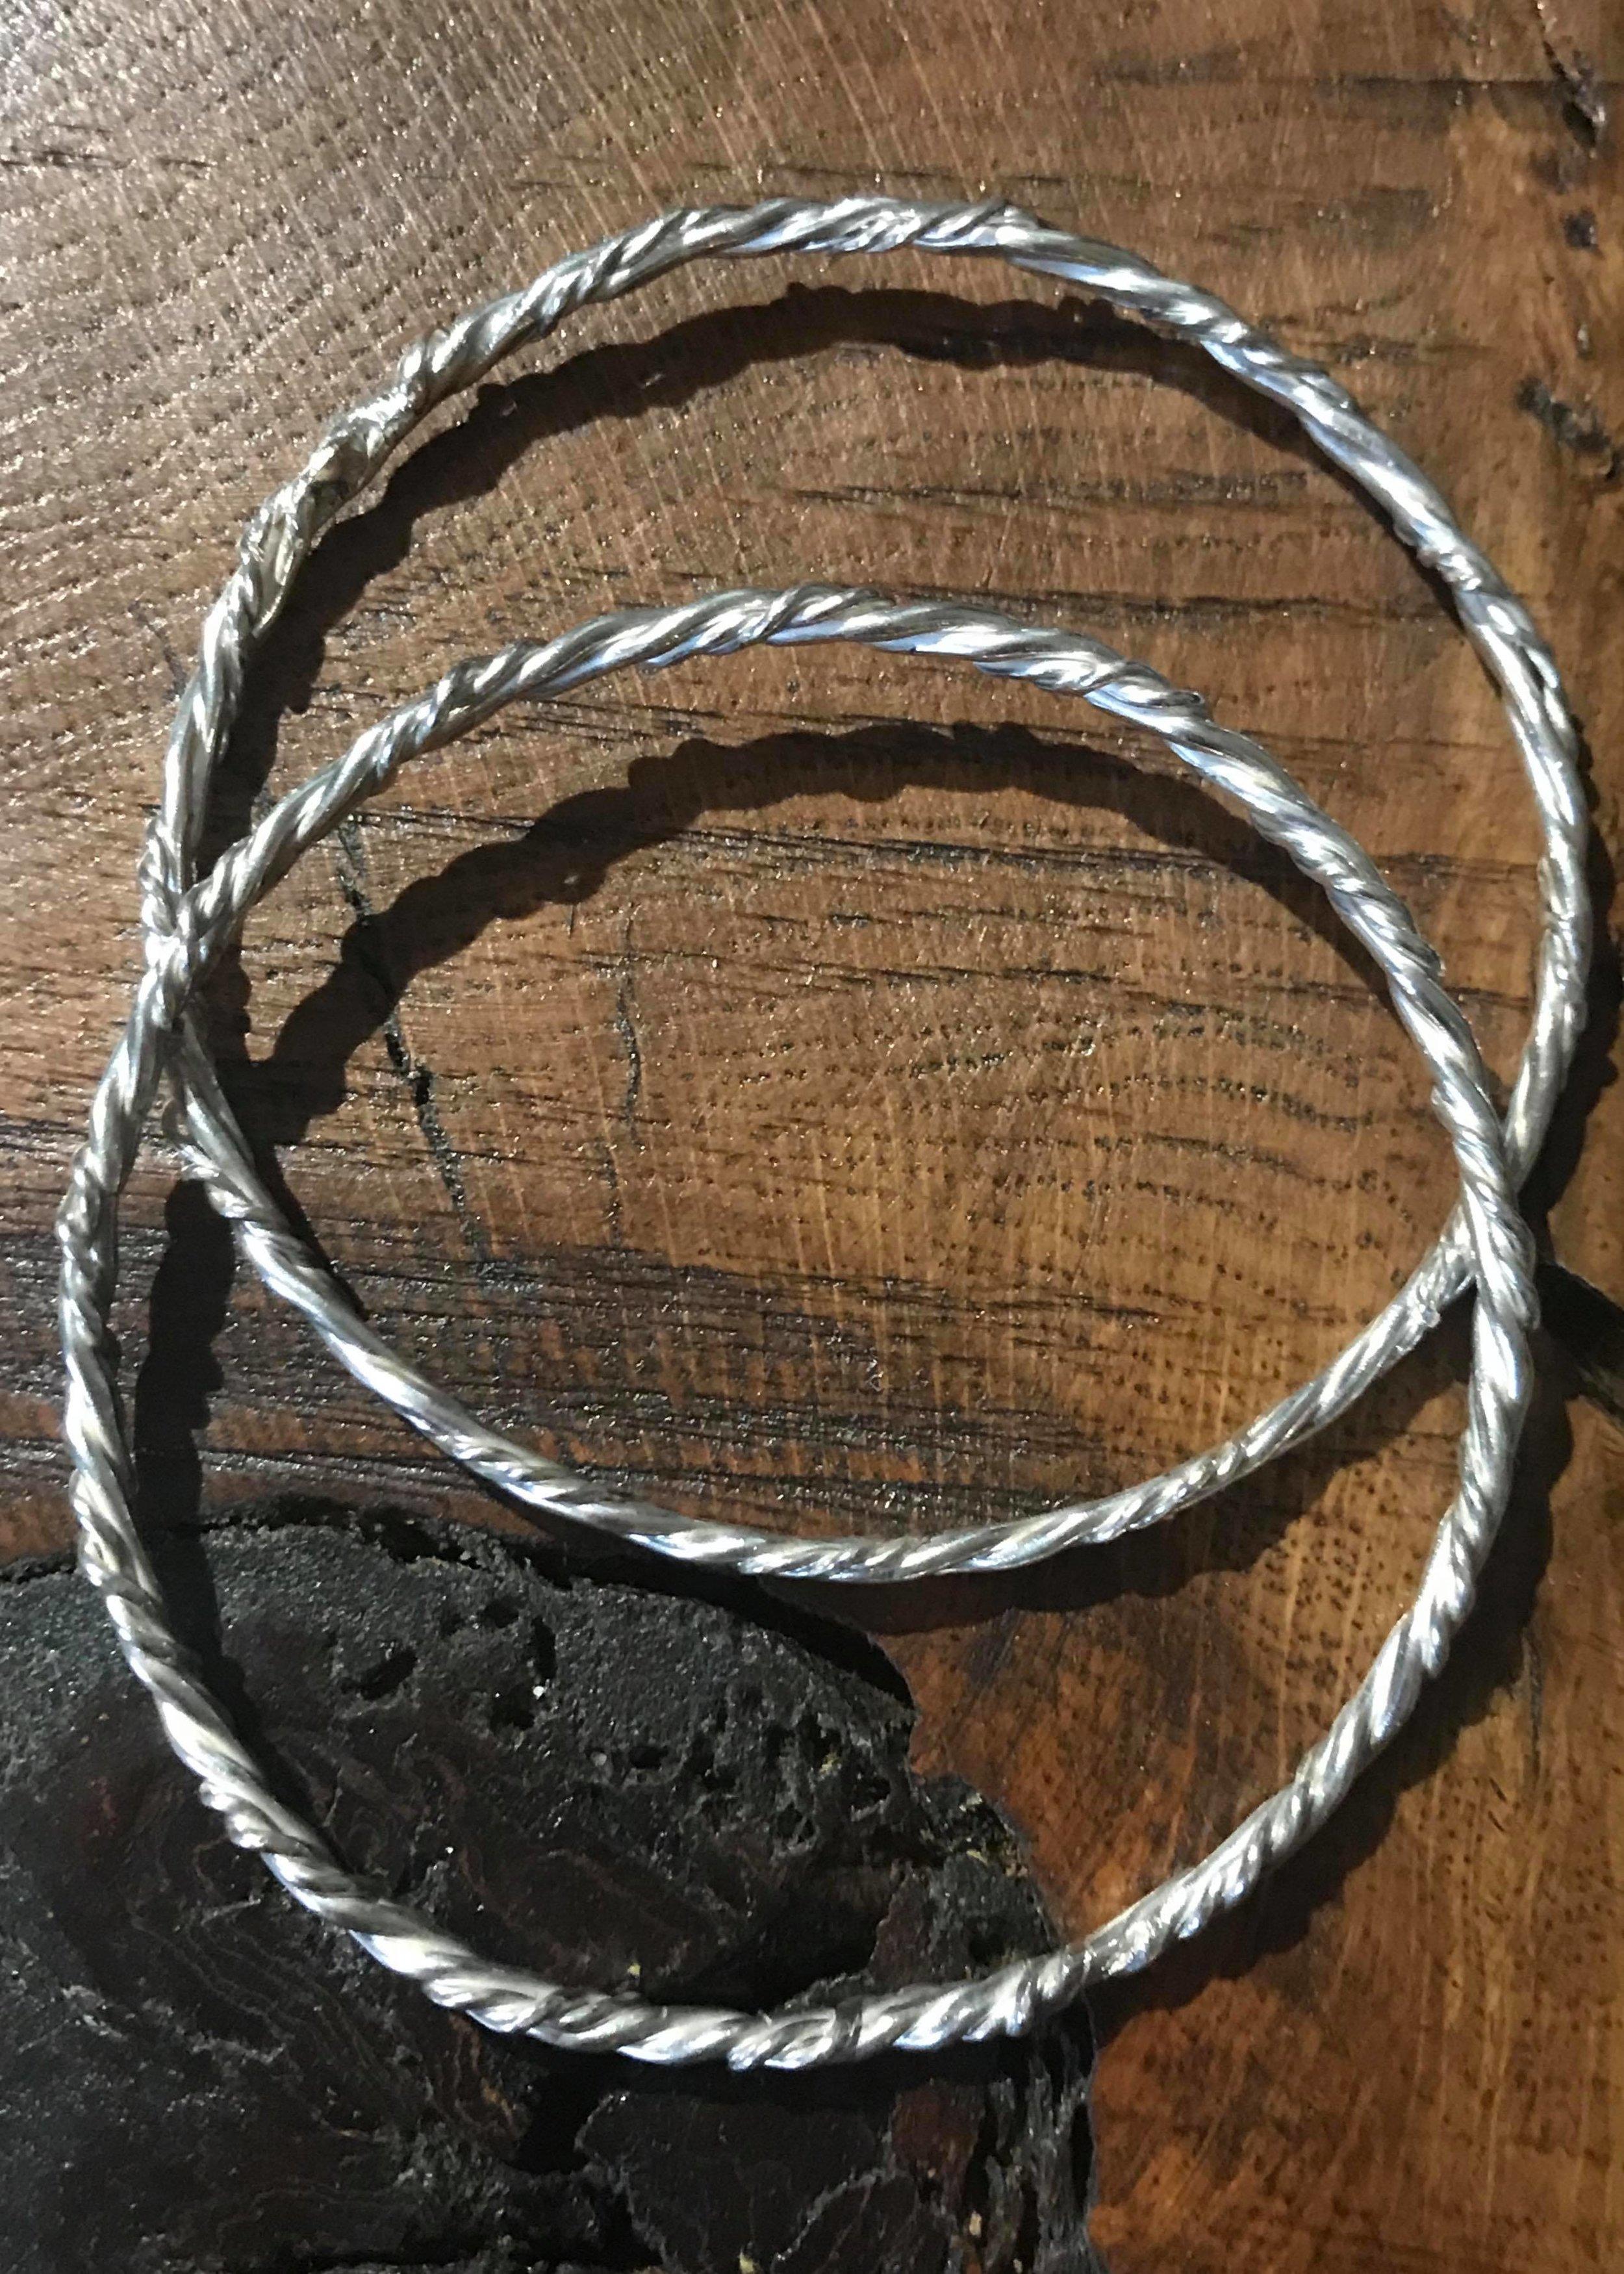 twisted bangles 3.jpg